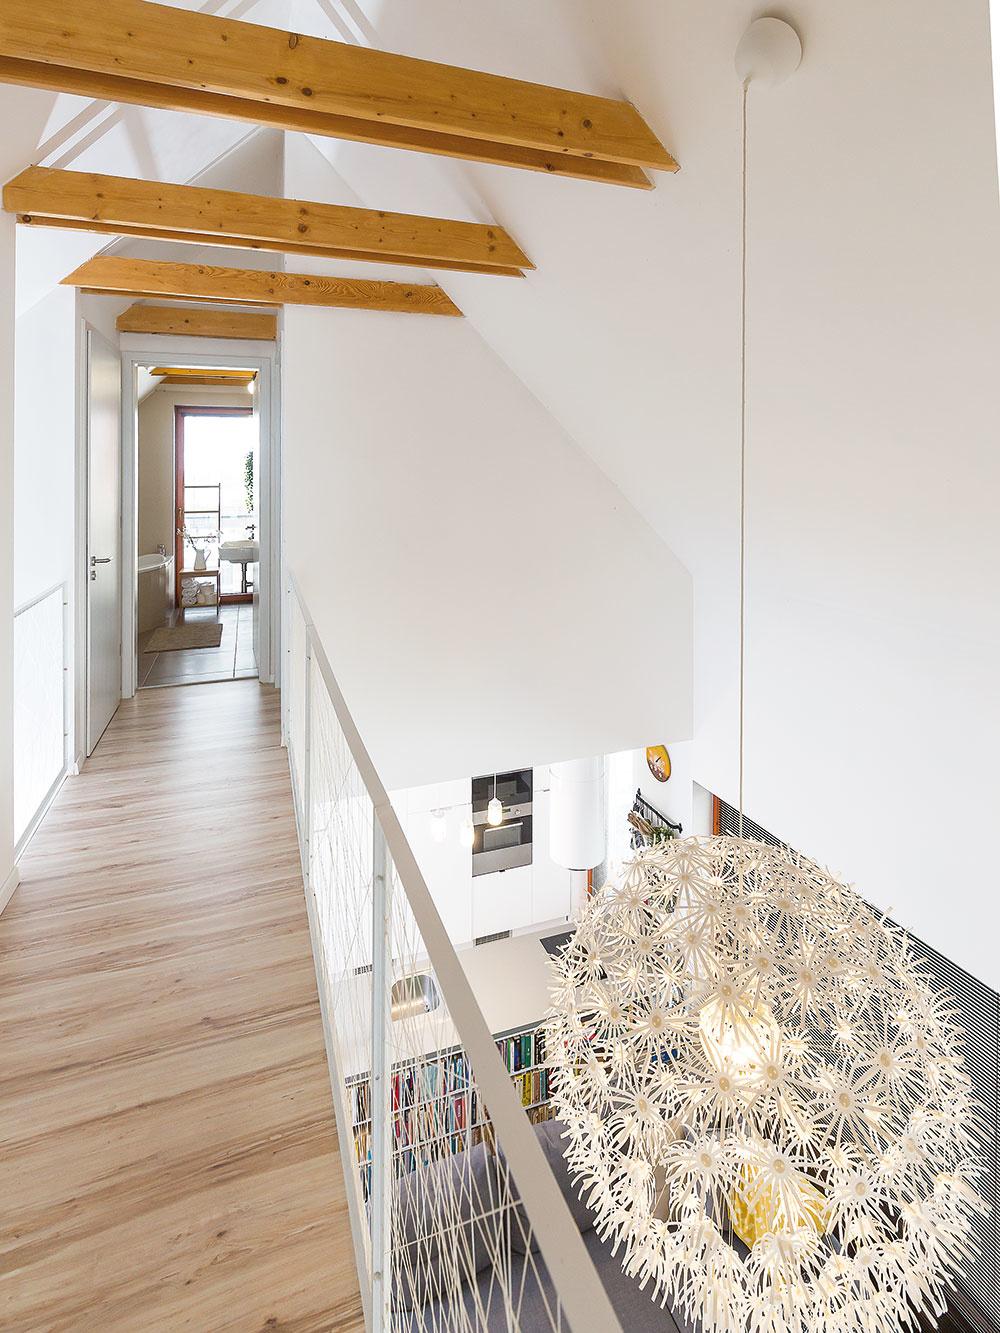 Galéria na poschodí spája spálne na dvoch protiľahlých stranách domu scentrálnym priestorom obývačky.